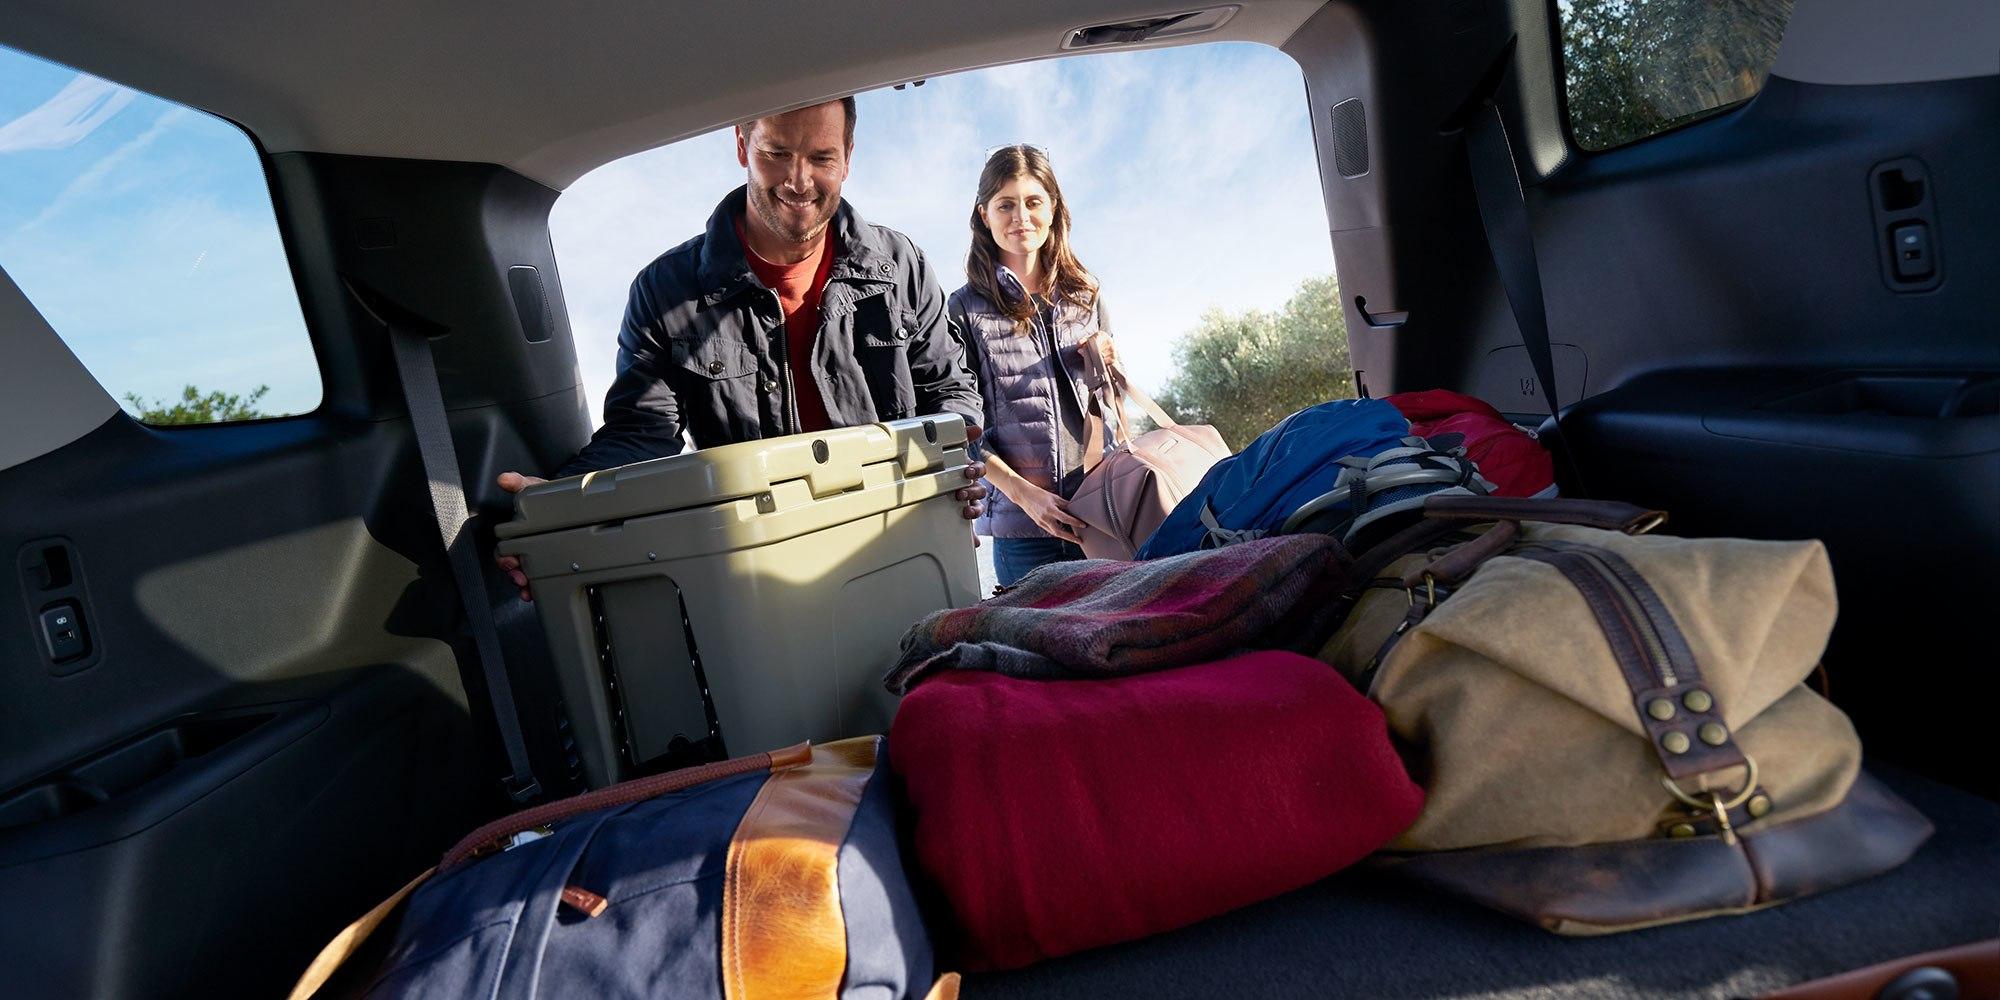 2019 Chevrolet Traverse Storage Space